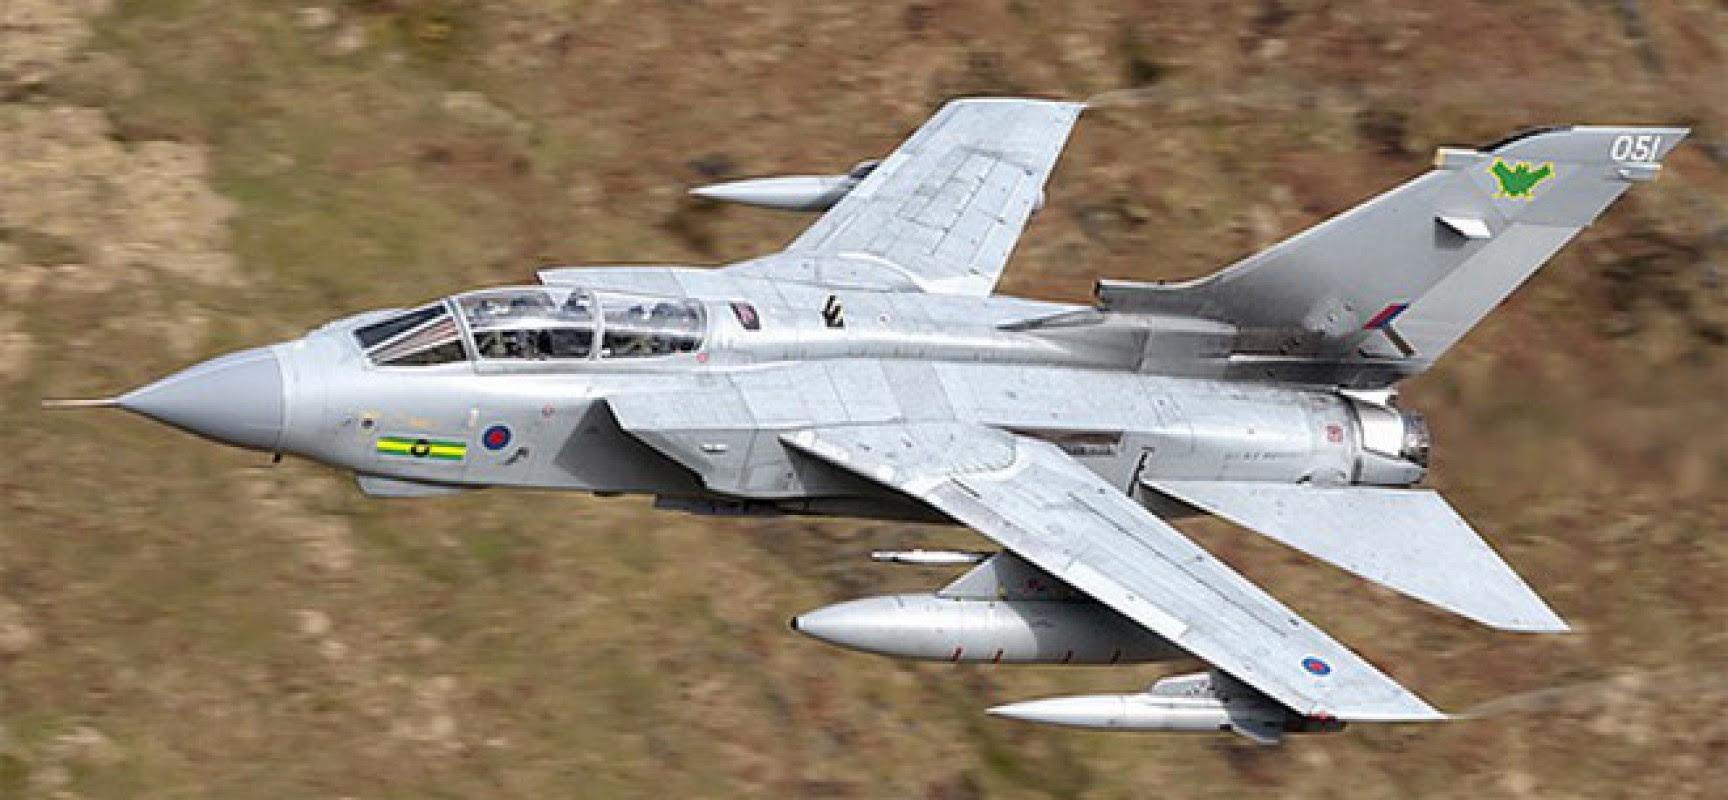 Crash de deux avions british transportant des armes pour Daesh